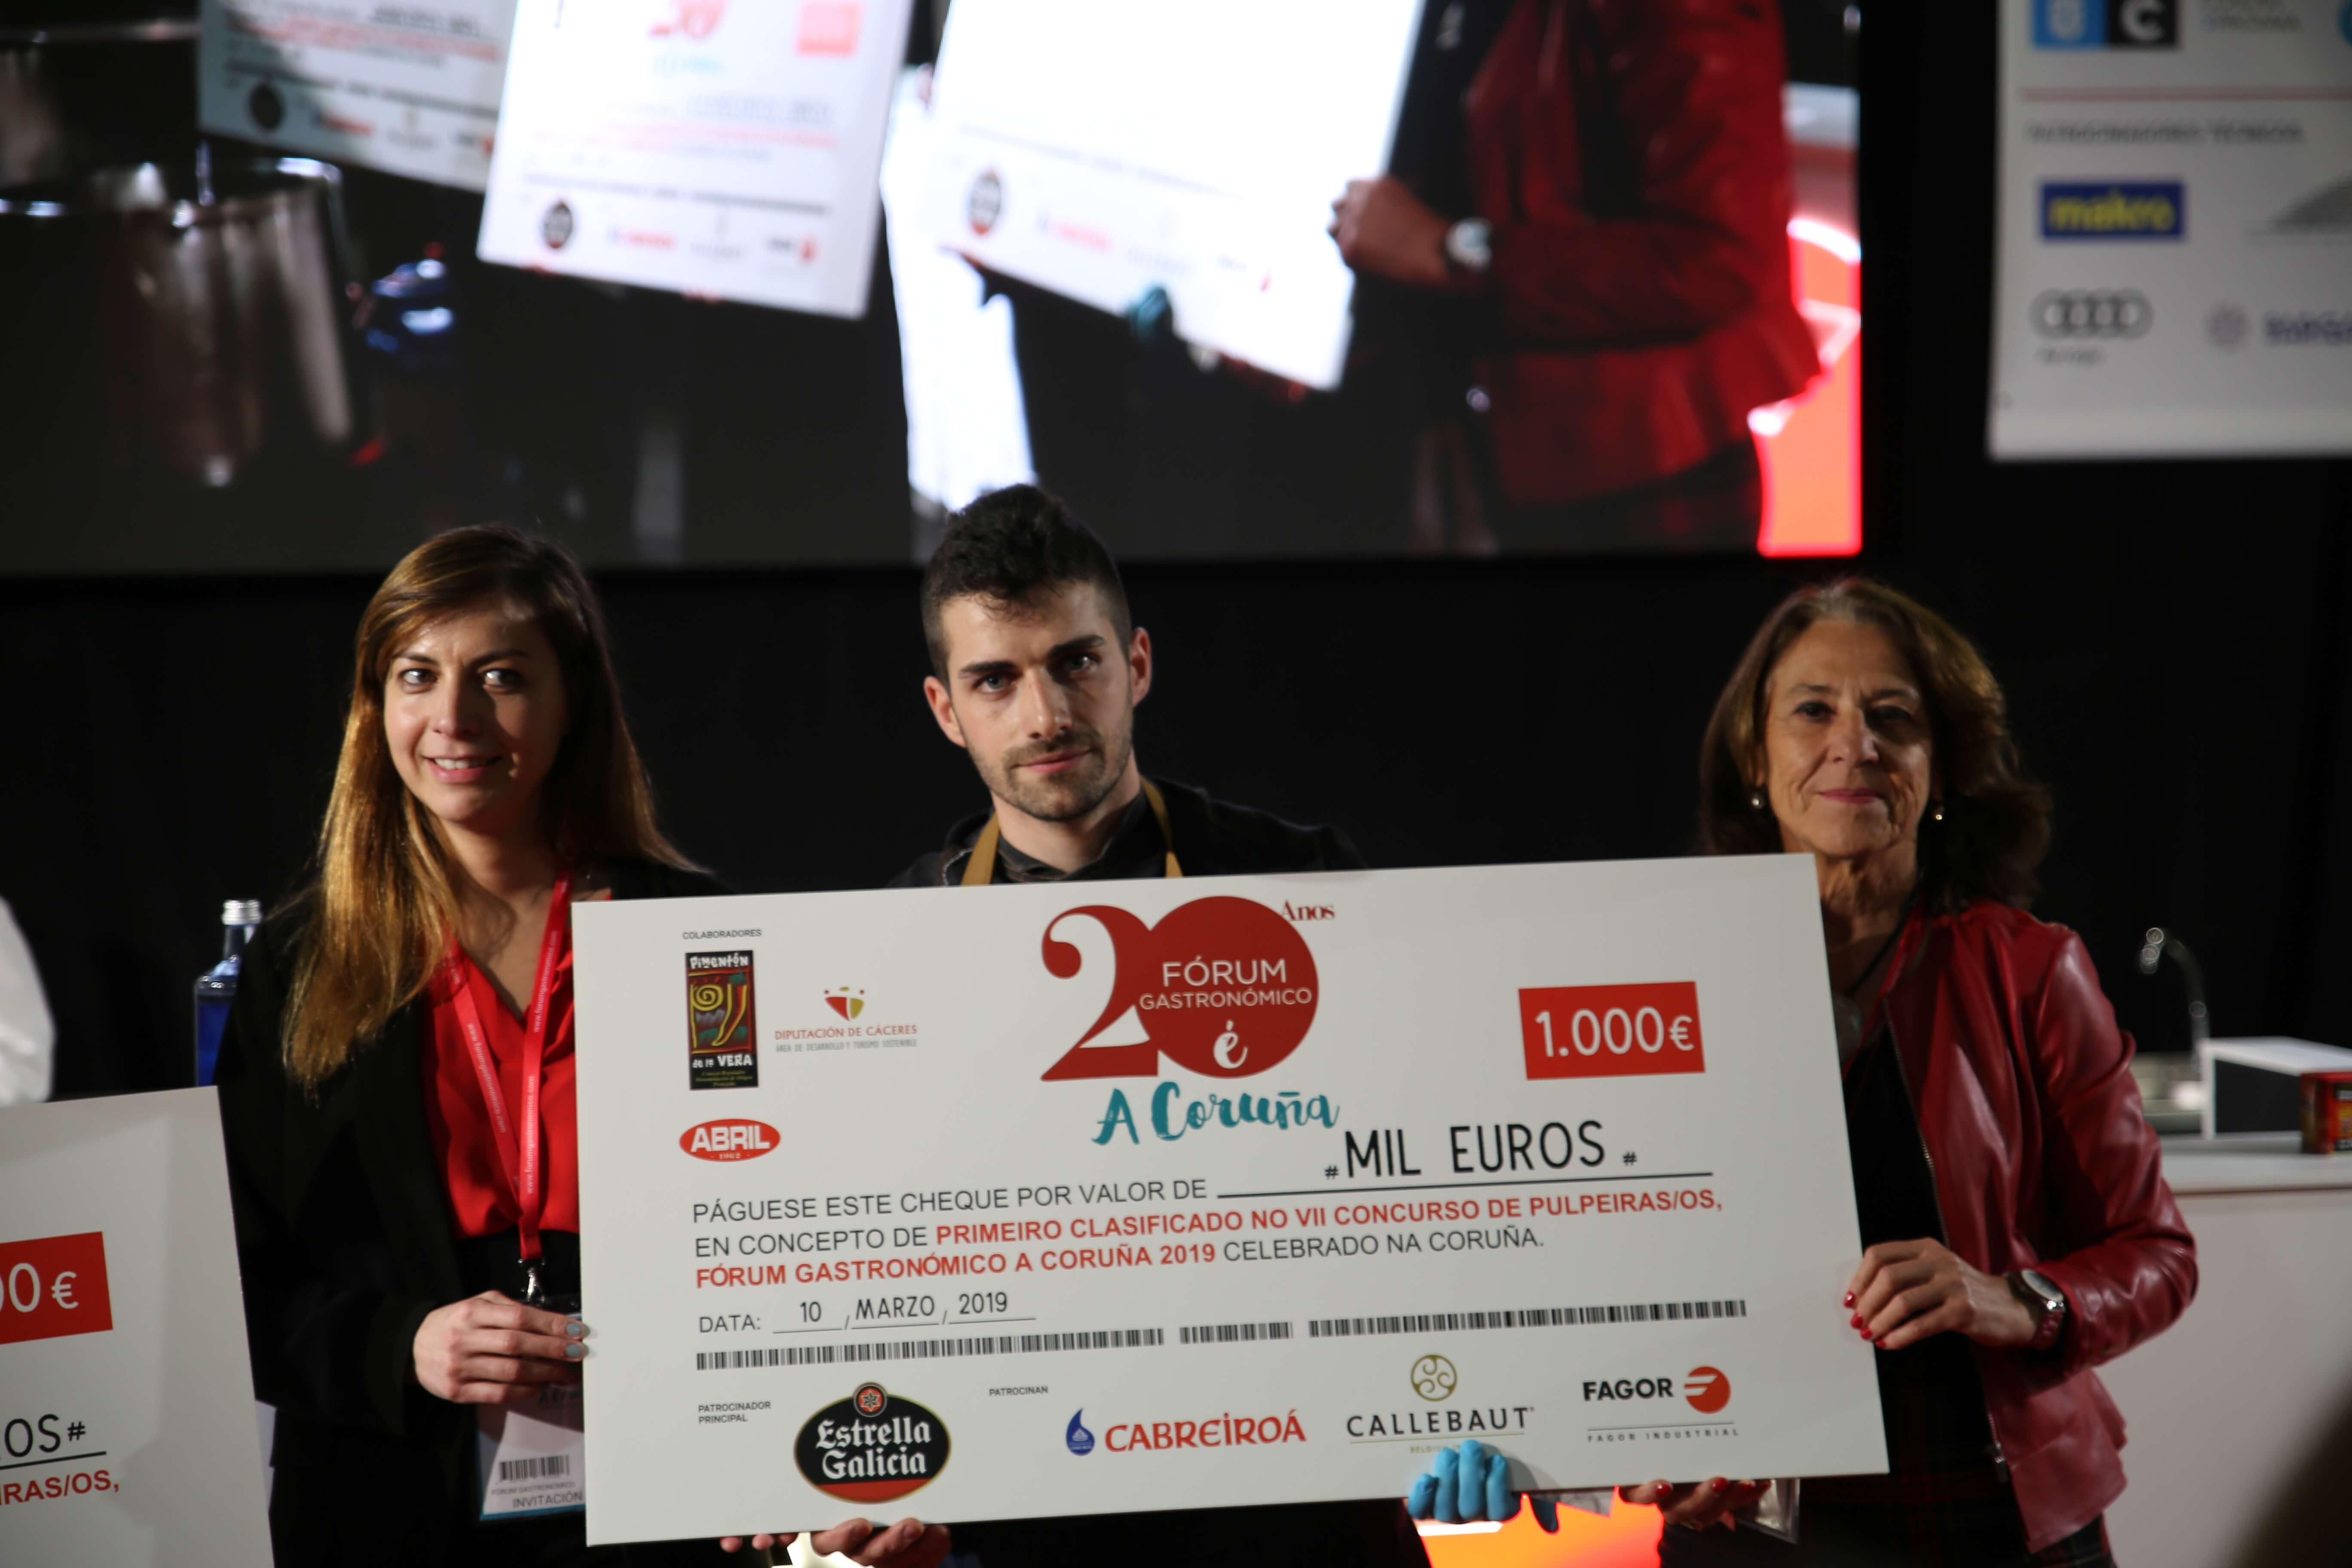 Olivier Fernandez Concurso pulpeiras Forum Coruña 2019